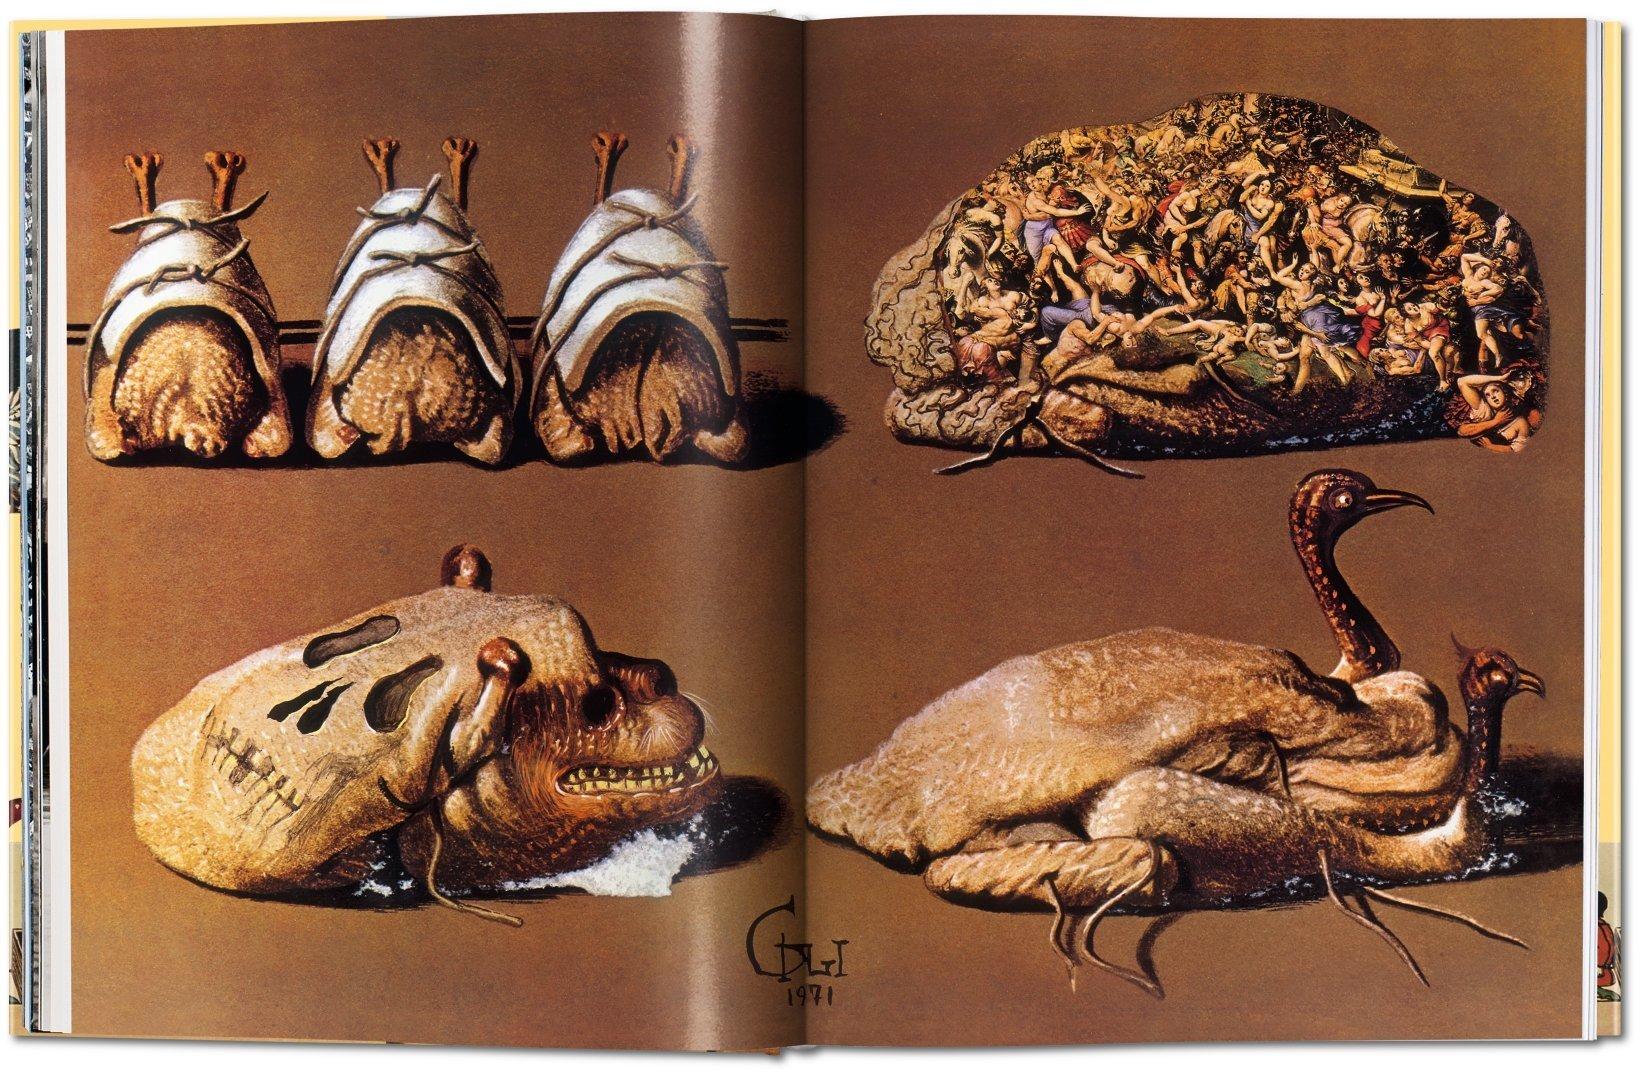 magazine-horse-les-diners-de-gala-dali-gastronomia-5